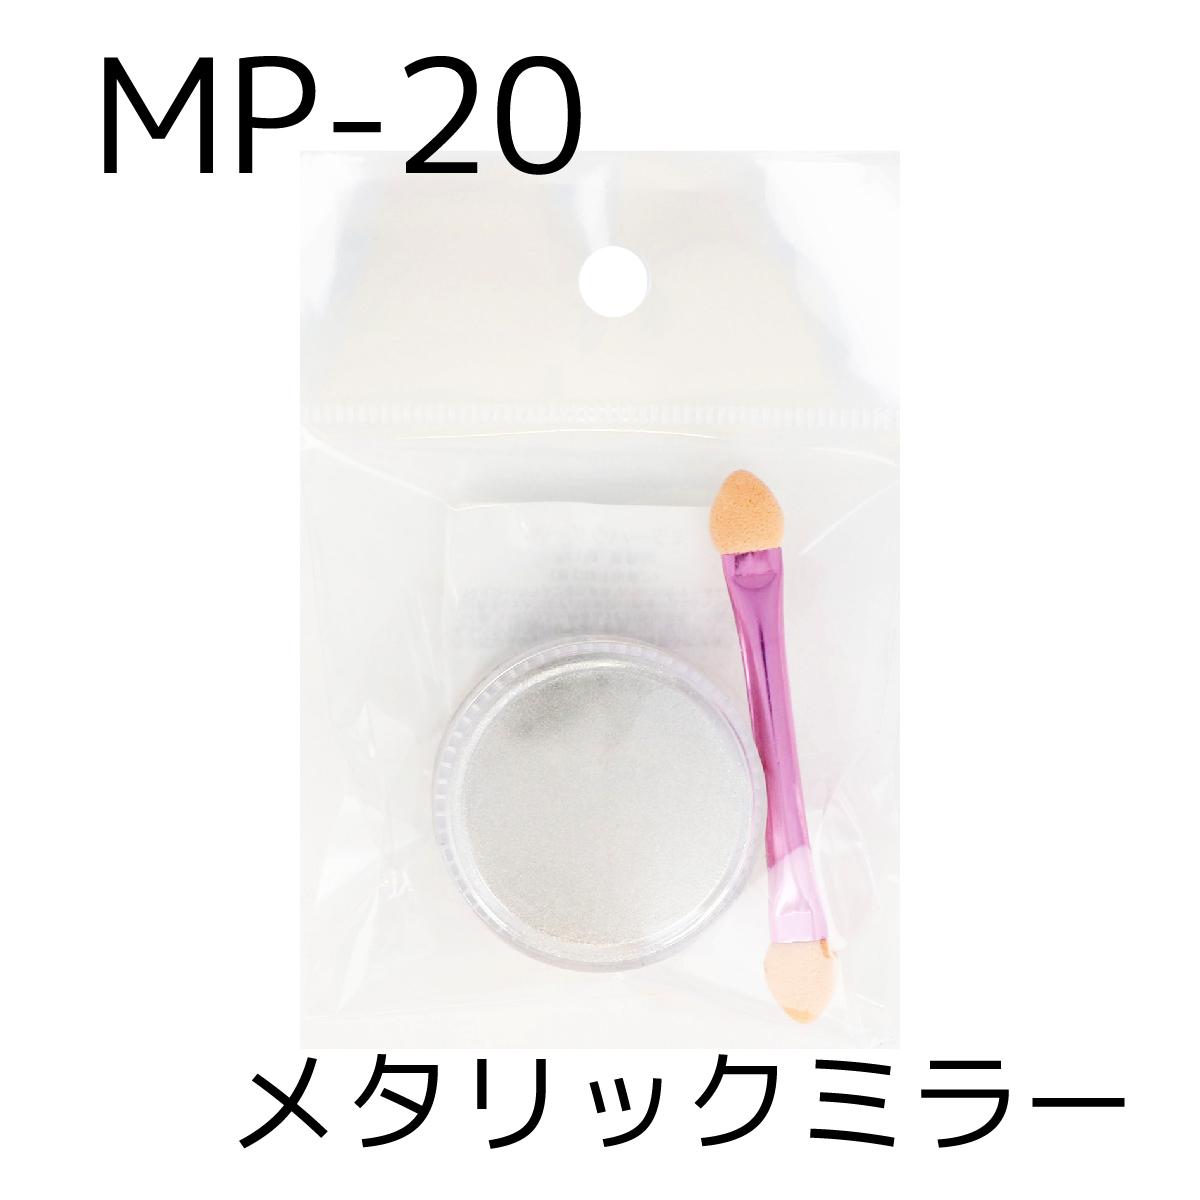 ミラーパウダー(MP-20)画像